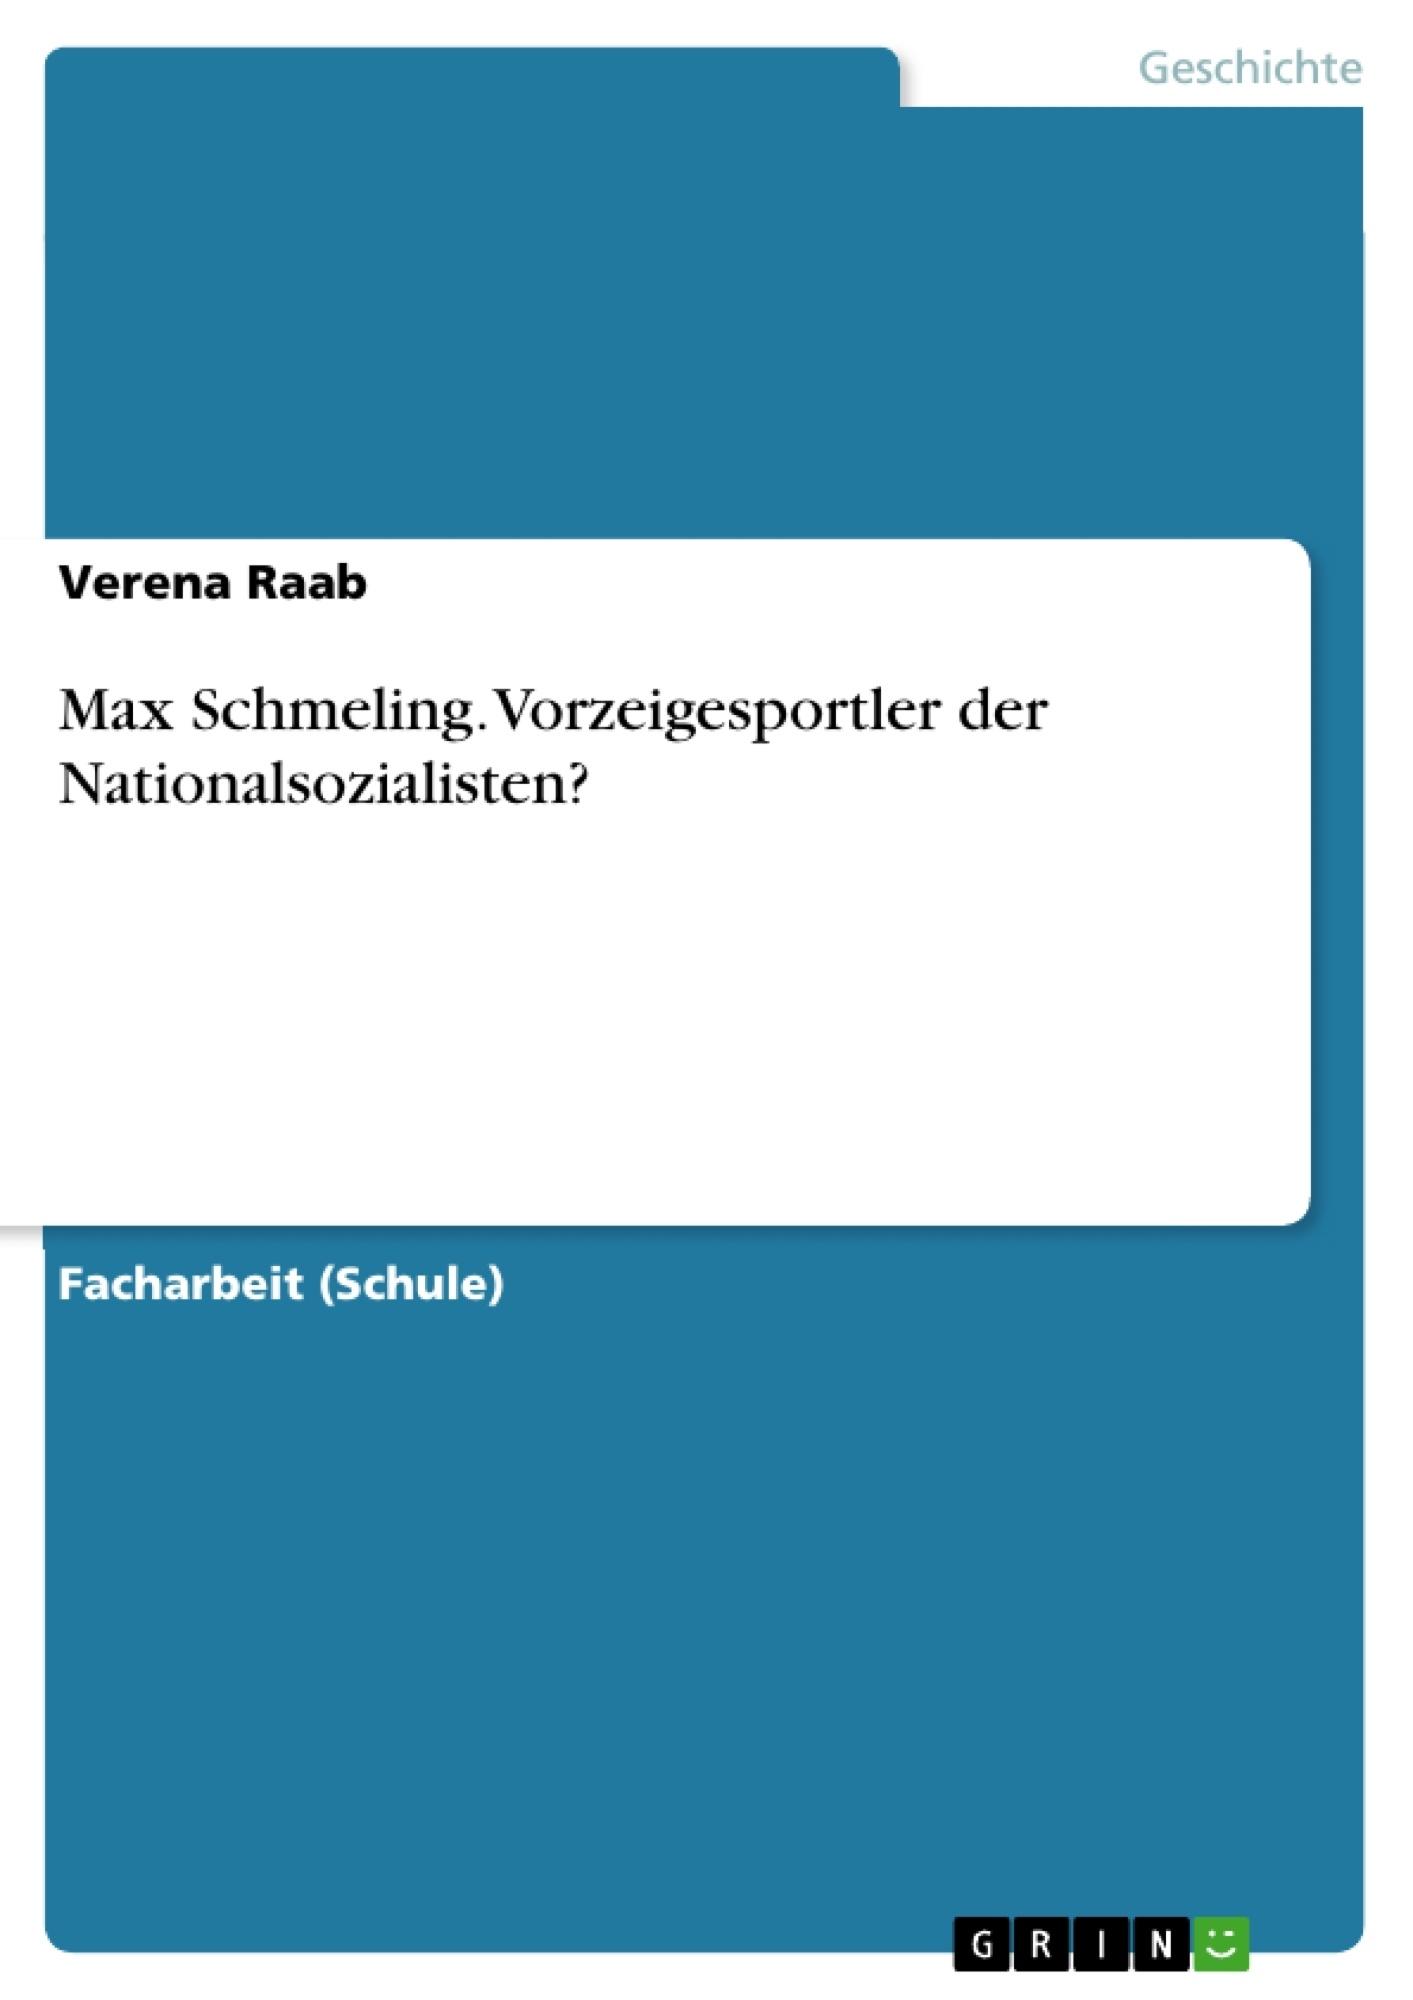 Titel: Max Schmeling. Vorzeigesportler der Nationalsozialisten?